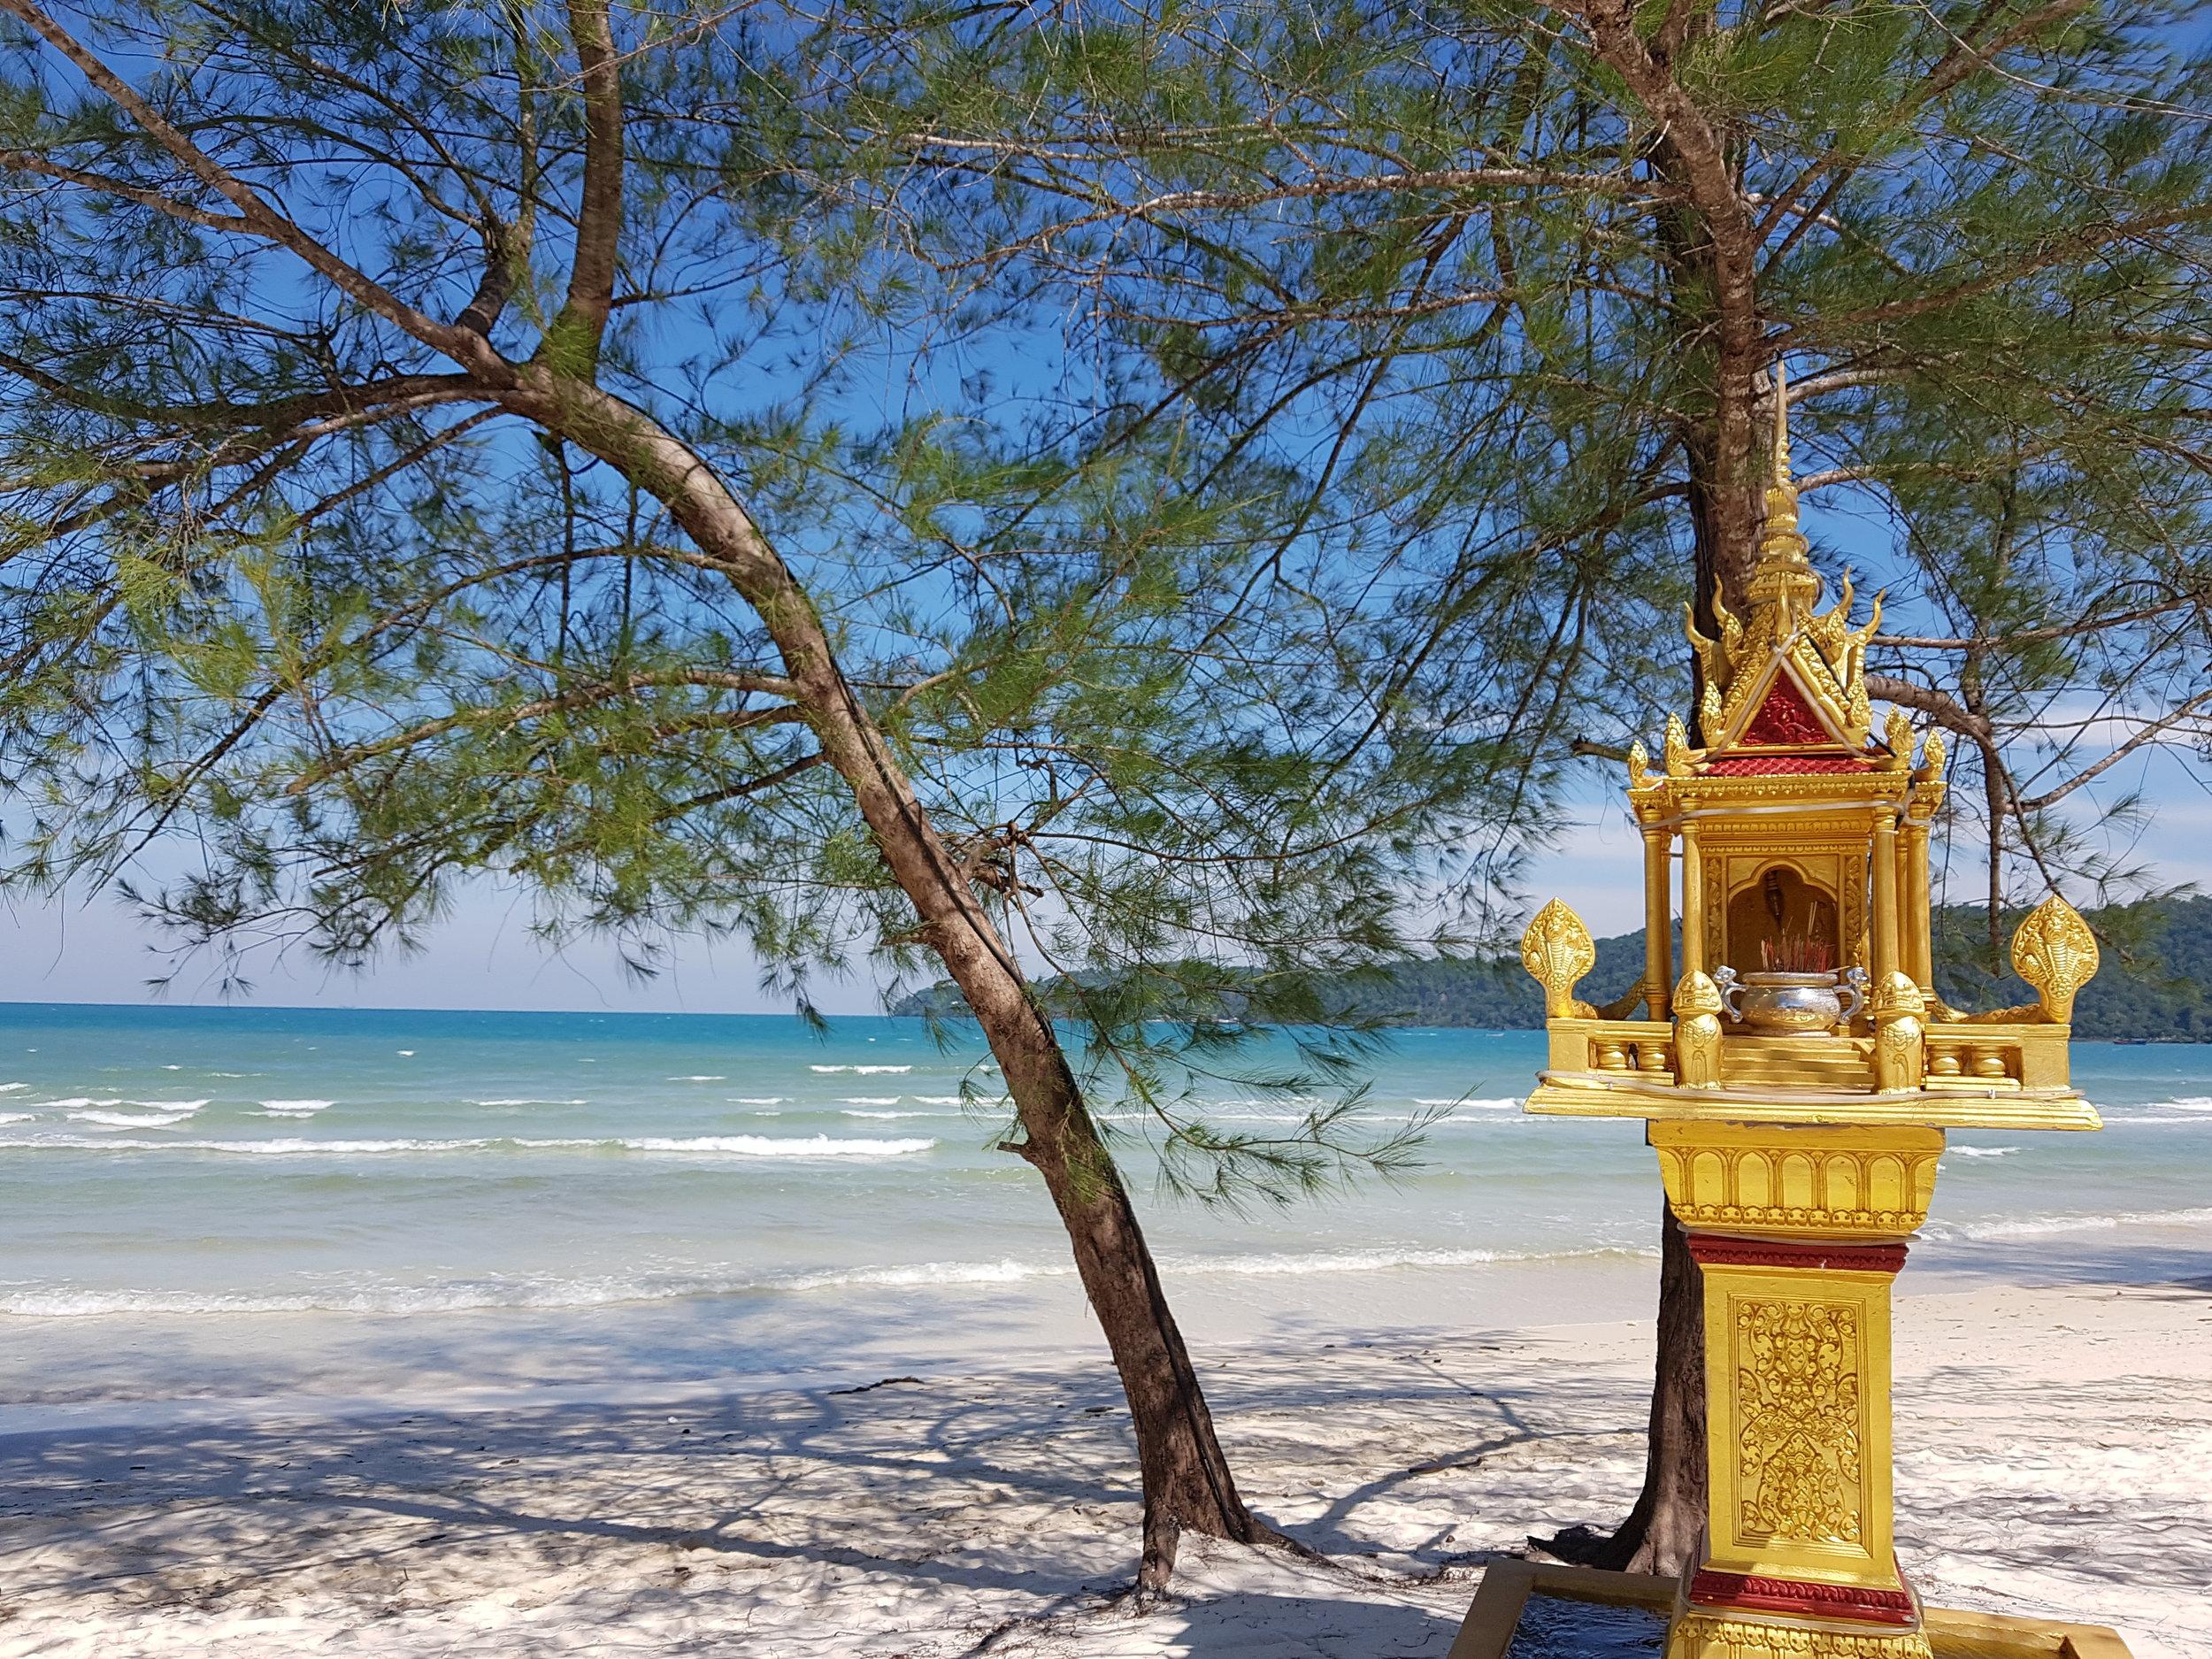 Buddhist altar on the beach